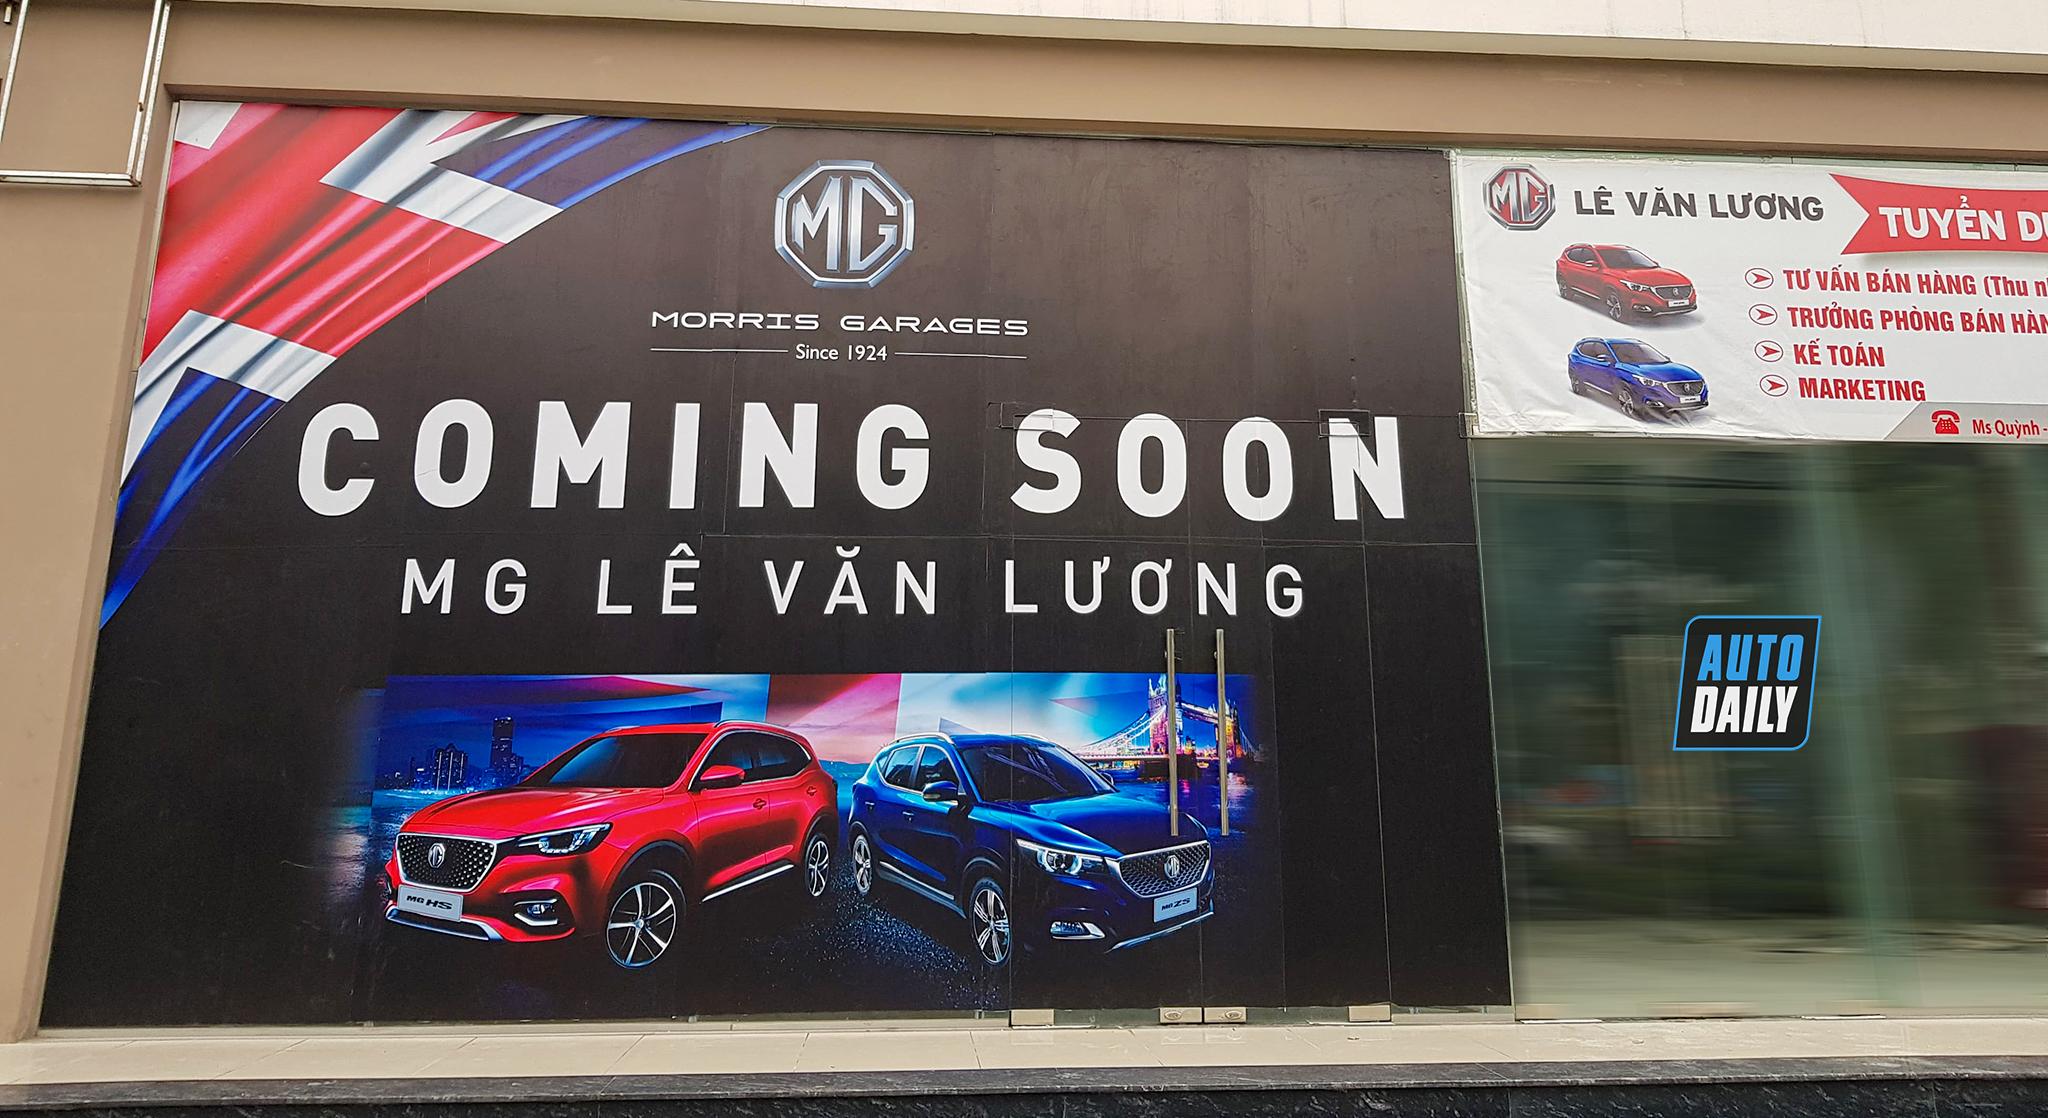 Lộ diện showroom MG đầu tiên tại Hà Nội